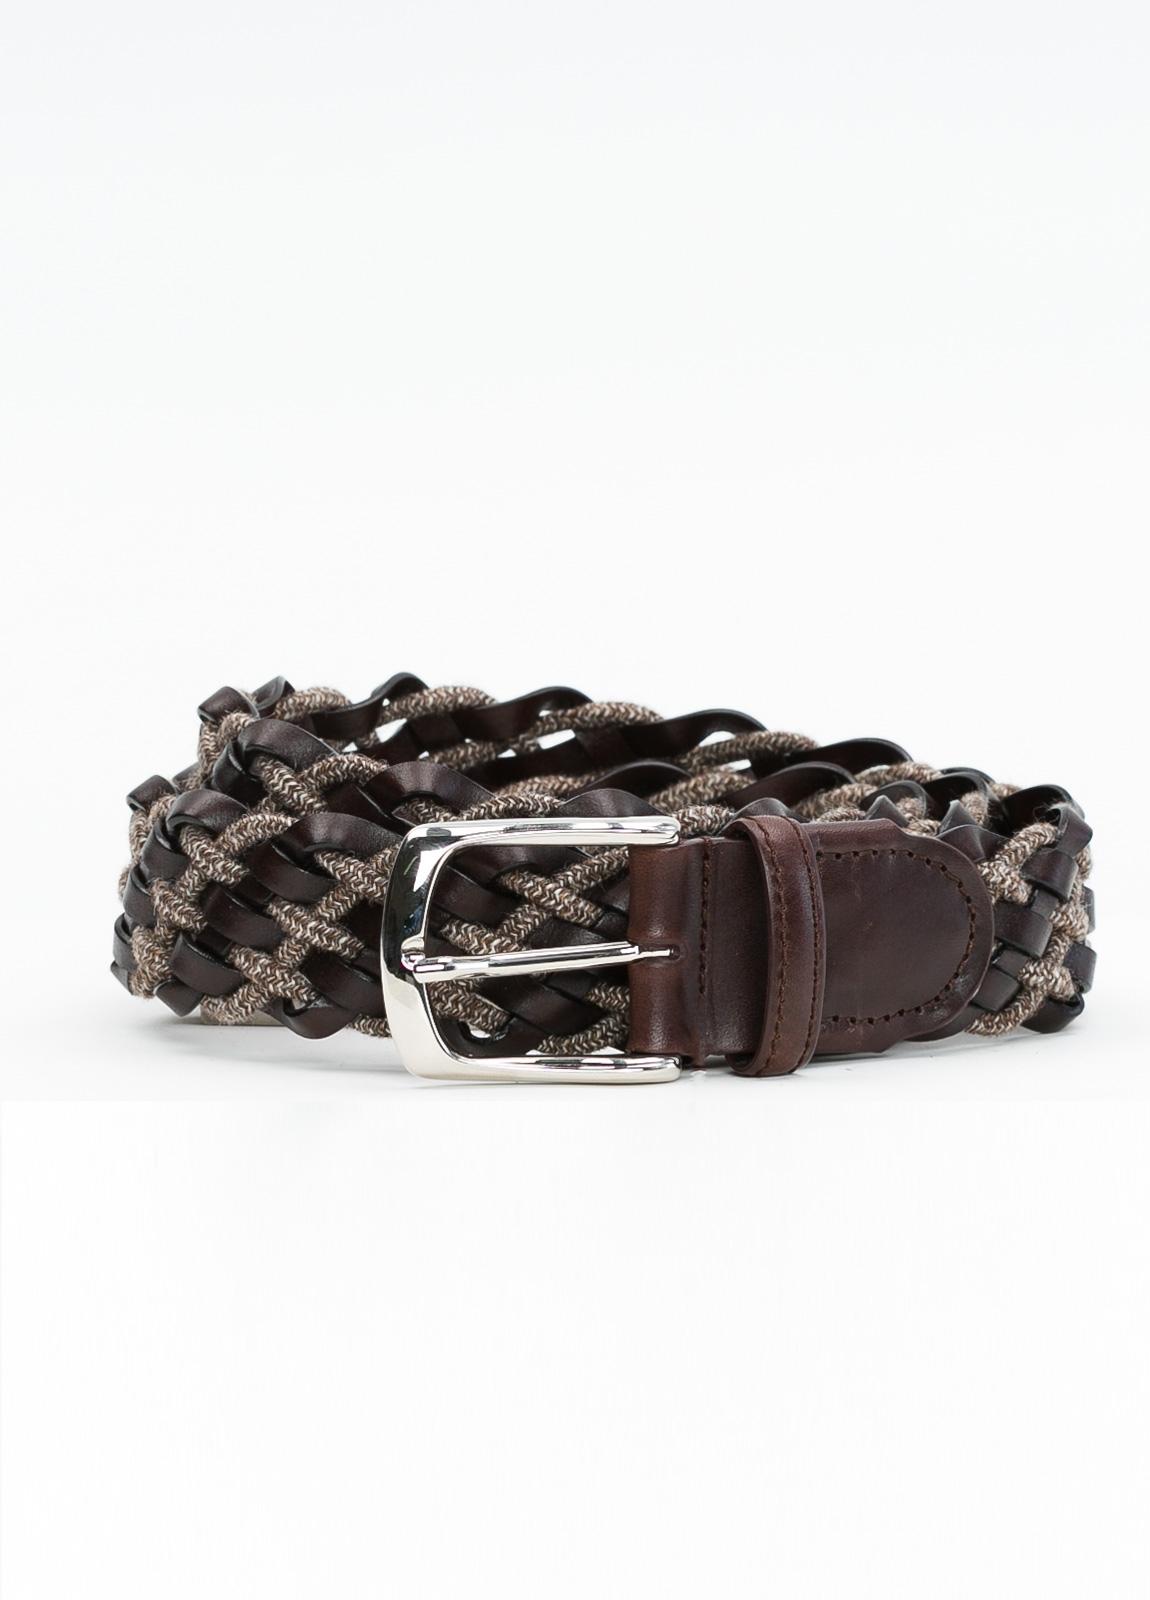 Cinturón sport trenzado color marrón, 100% Lana. Detalles en piel y hebilla de Níquel.